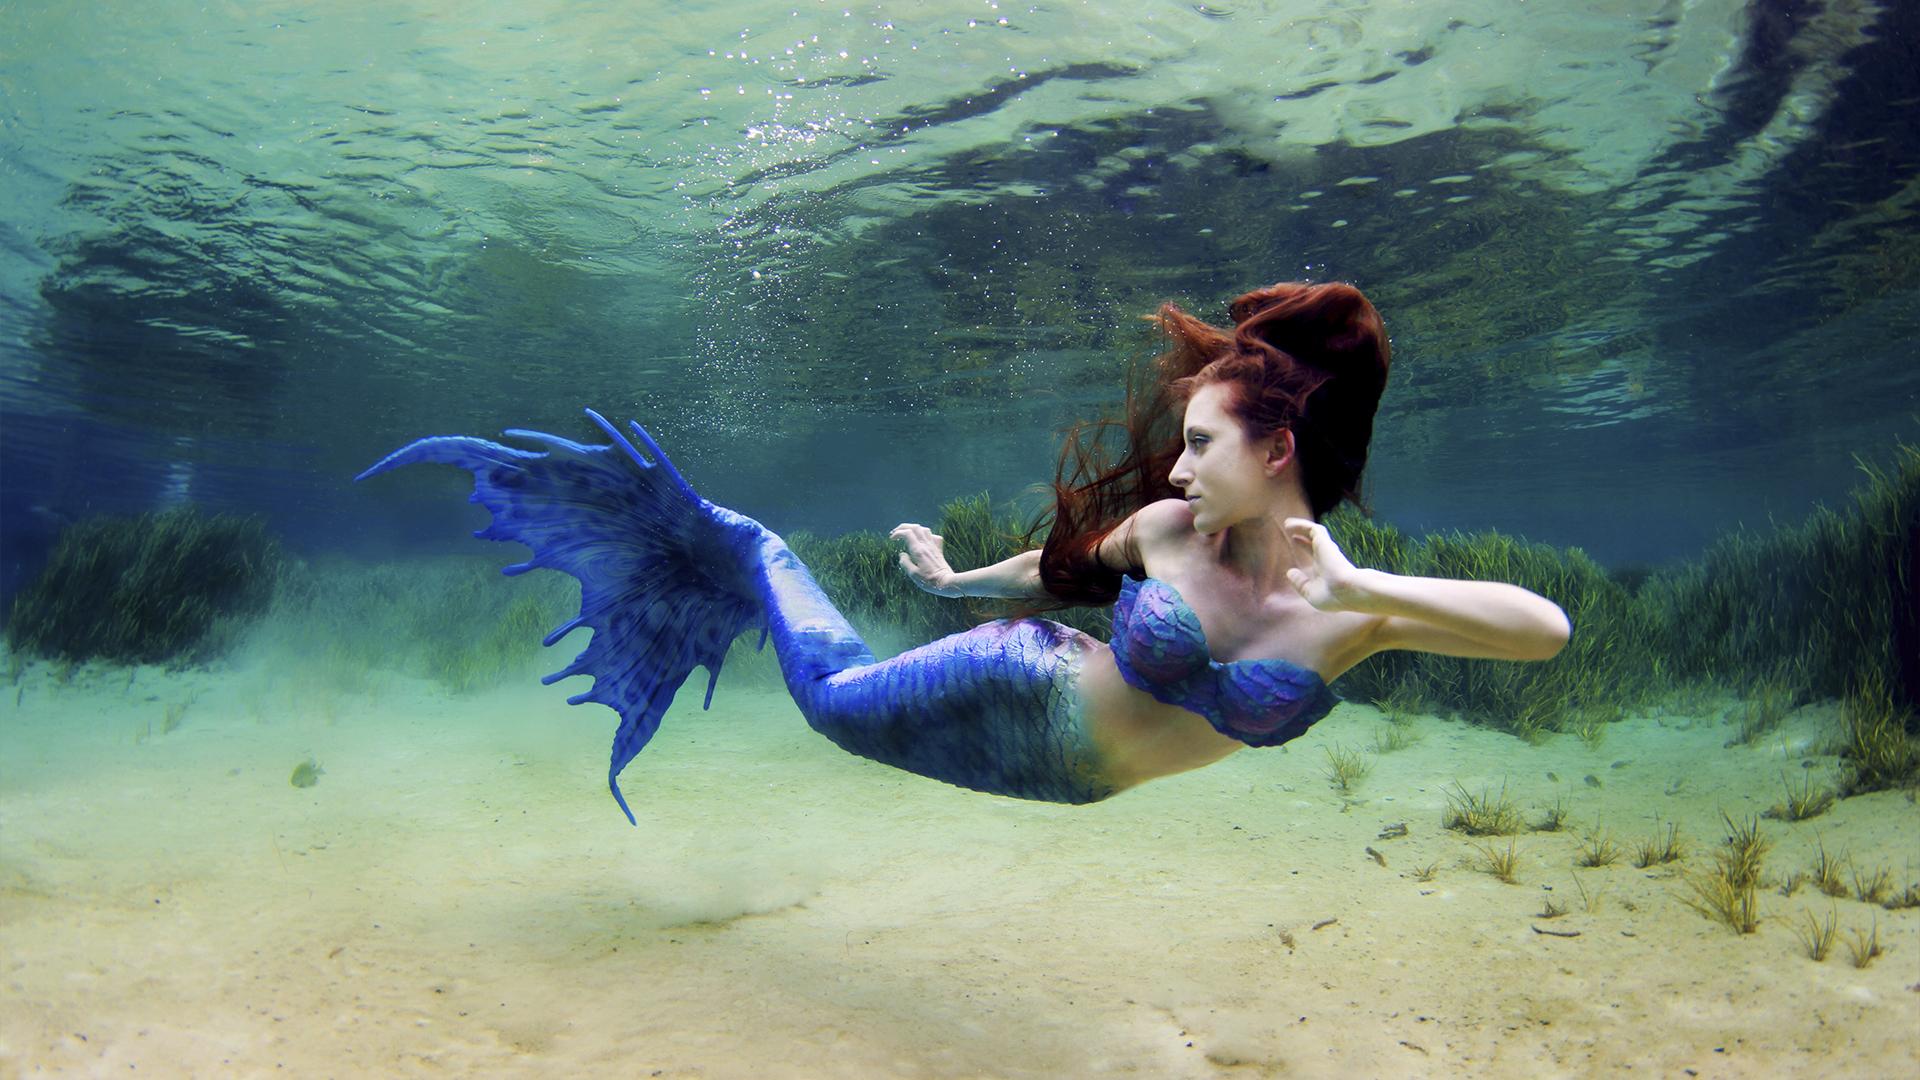 купюру ещё красивые картинки под водой с человеком русалкой обрезку наобум